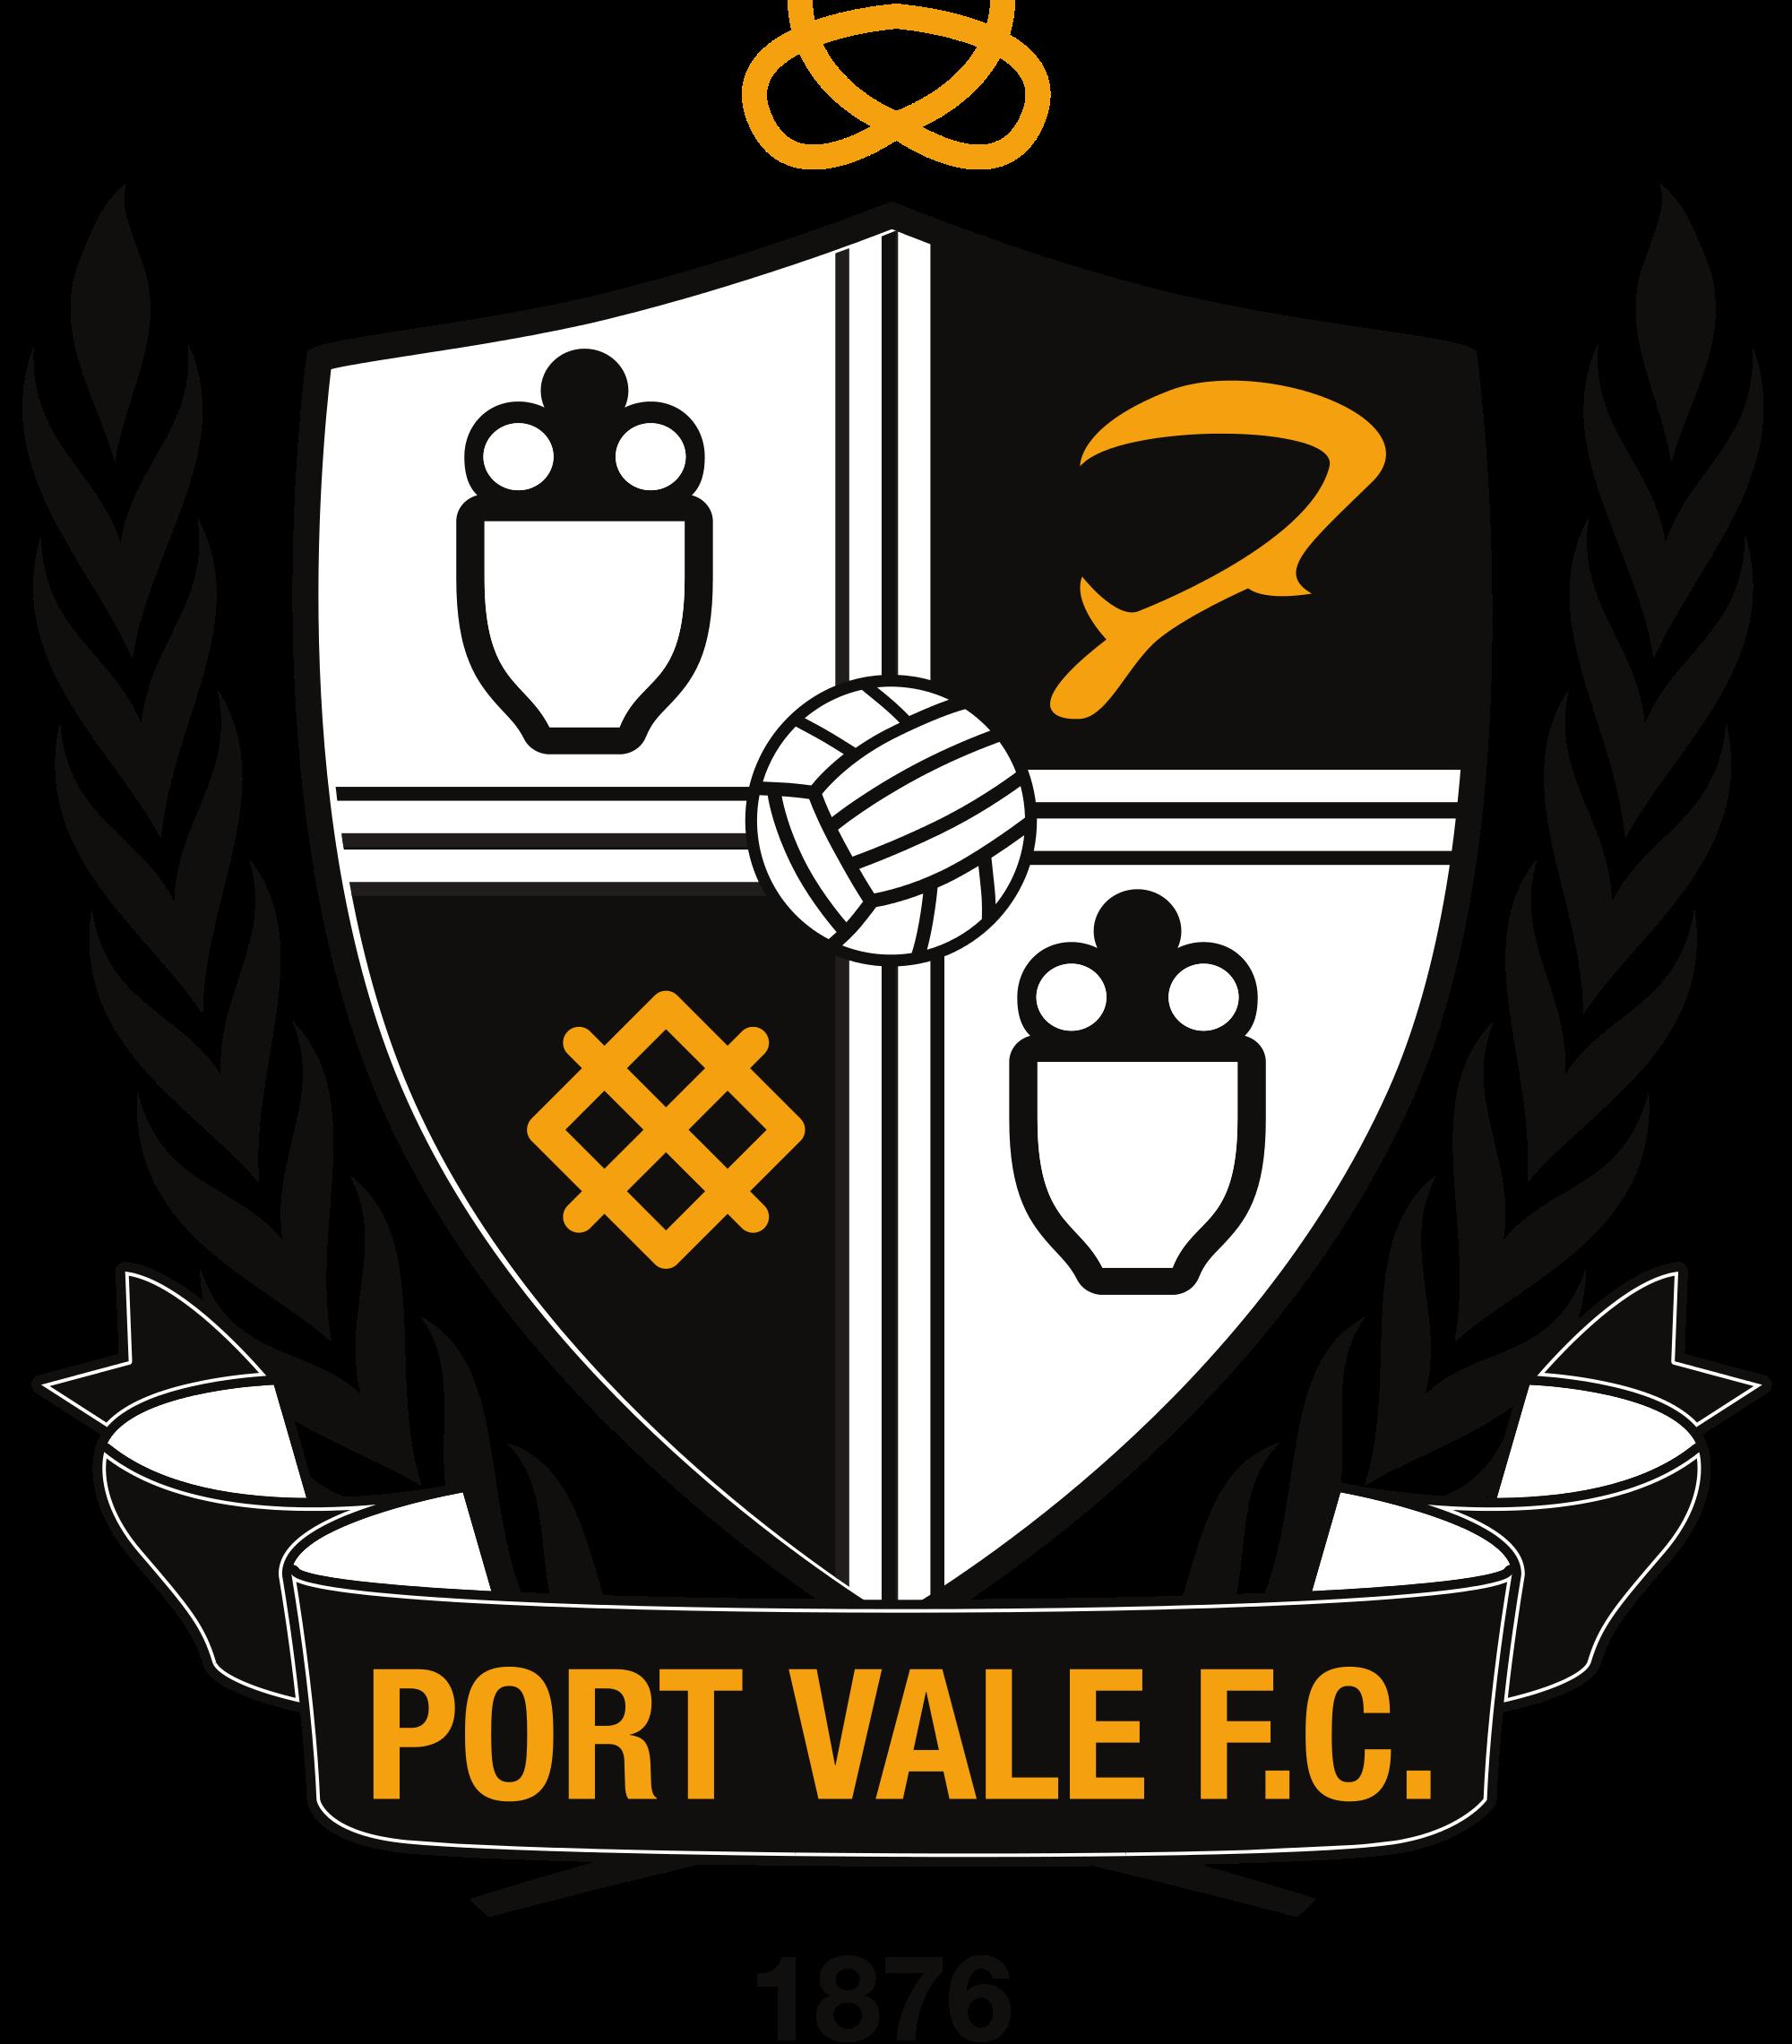 Port Vale Escudos De Futebol Fotos Do Palmeiras Futebol Ingles